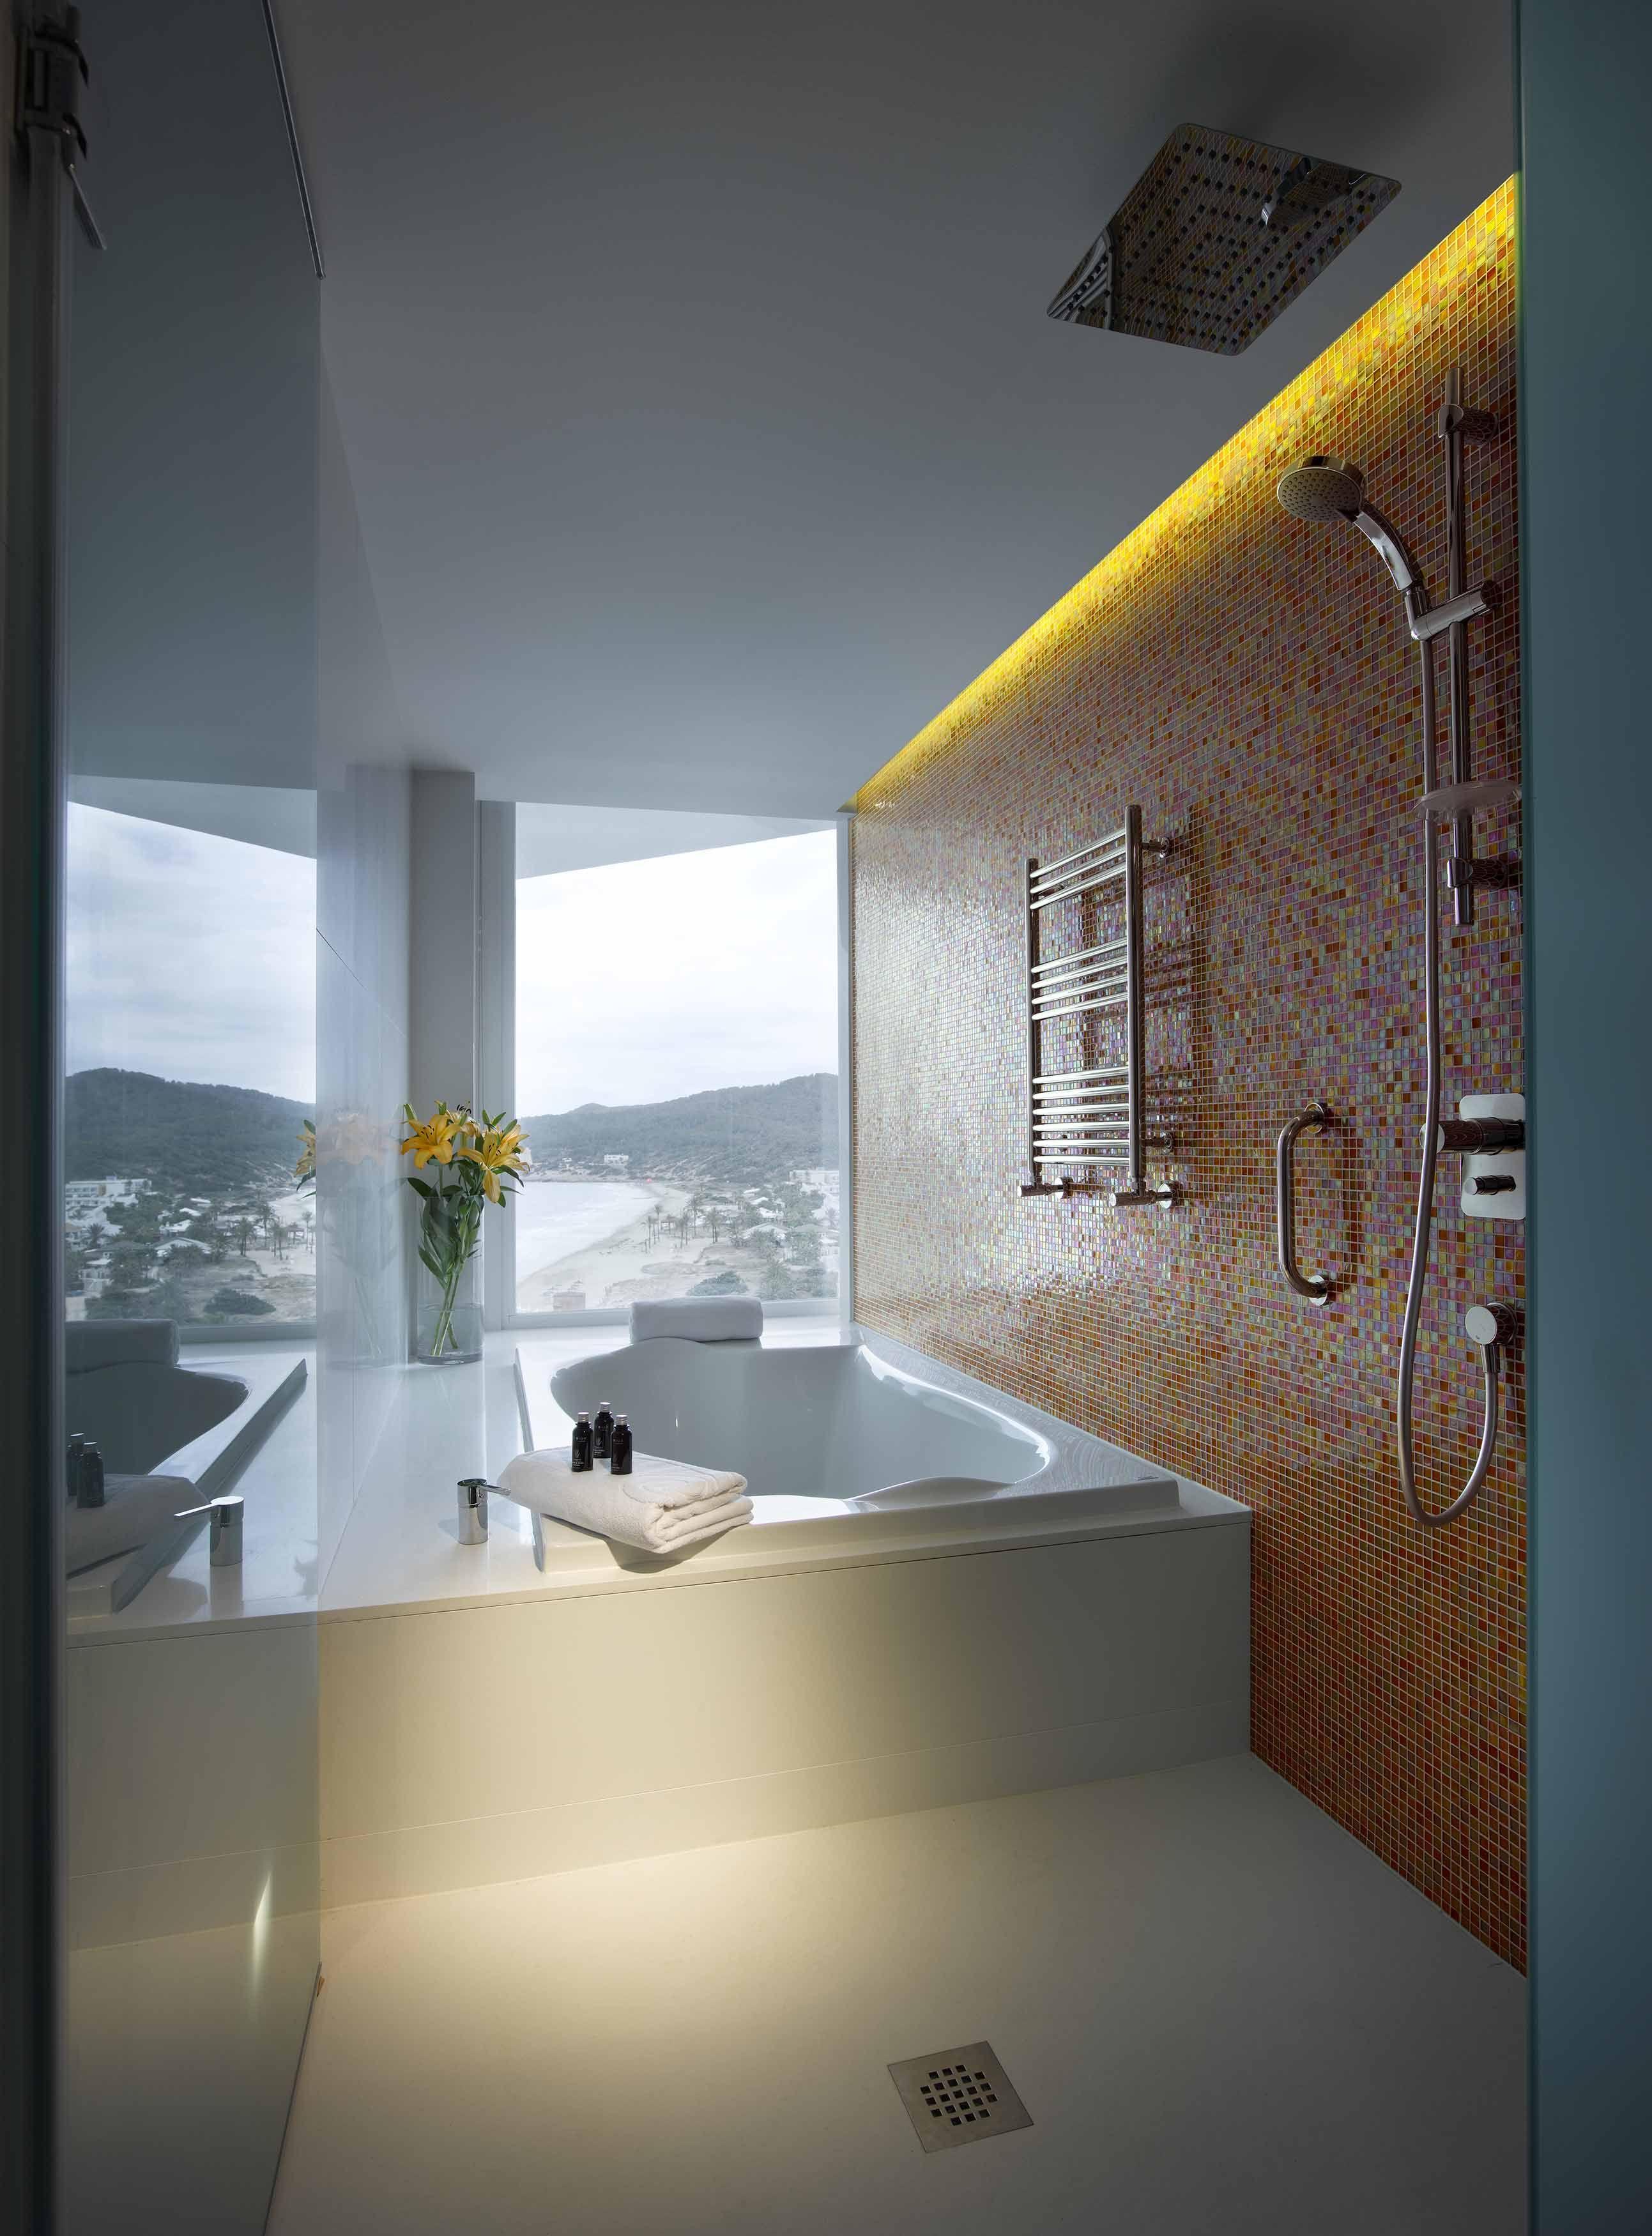 Bathtub of the Studio Suite Gold